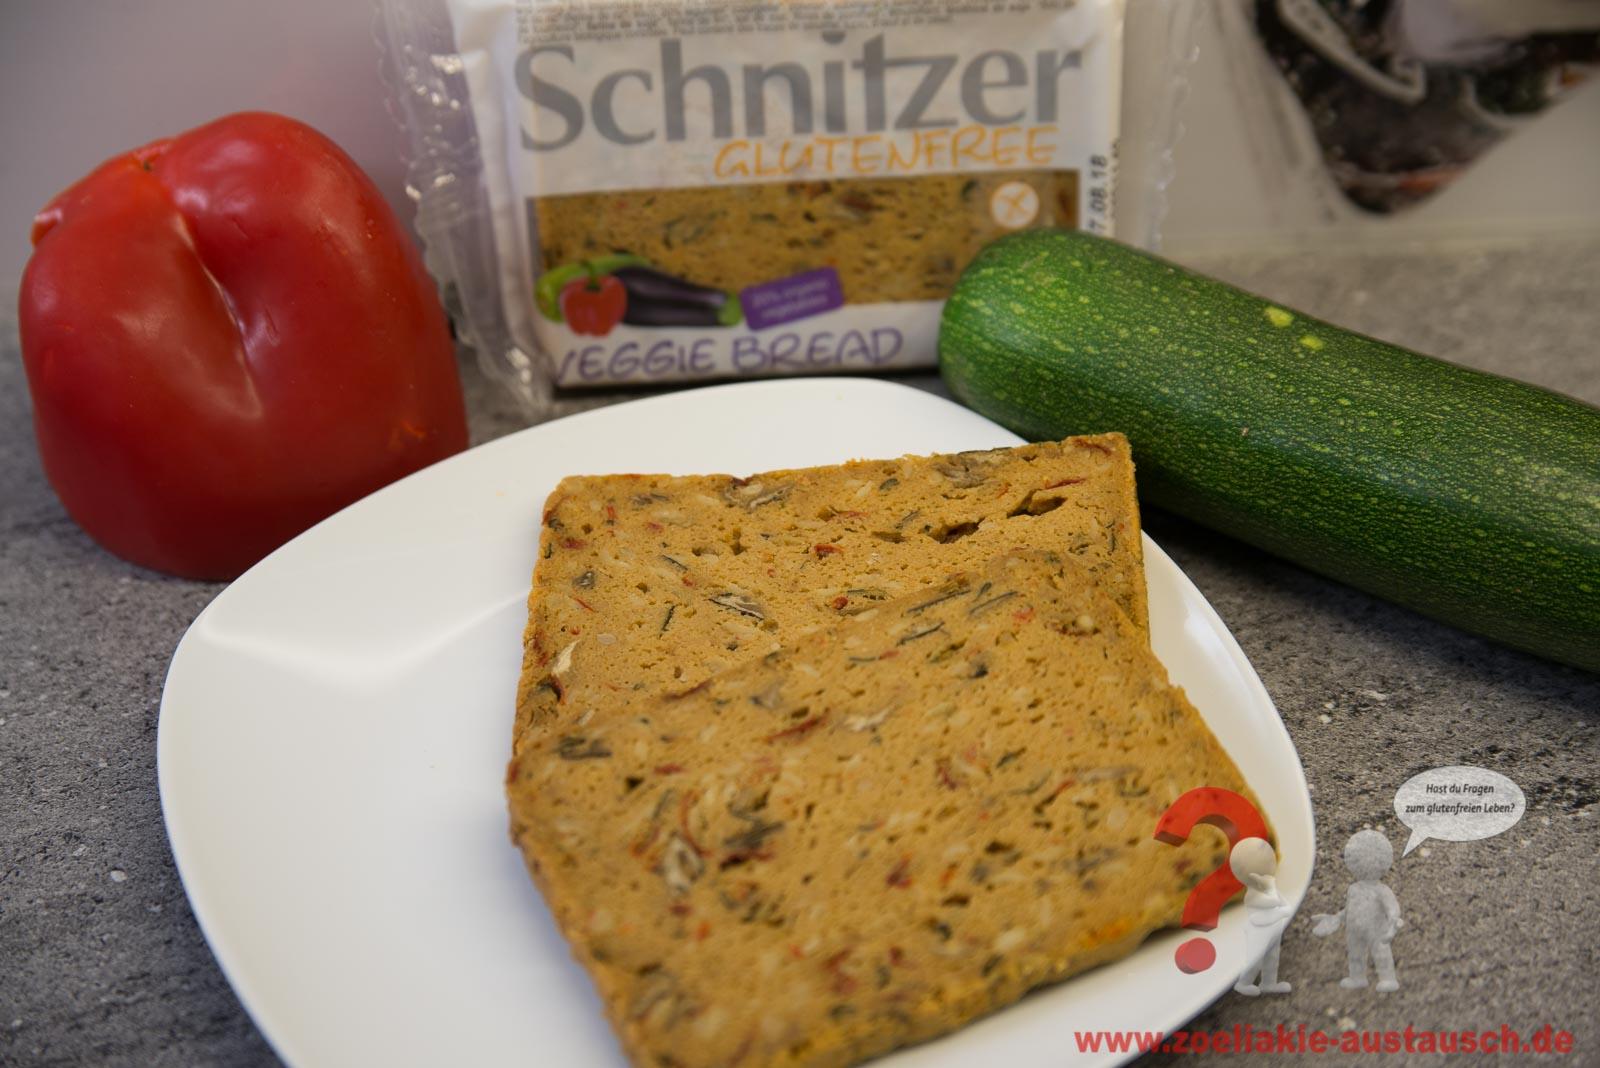 Schnitzer_BioFach_Zoeliakie_Austausch_030